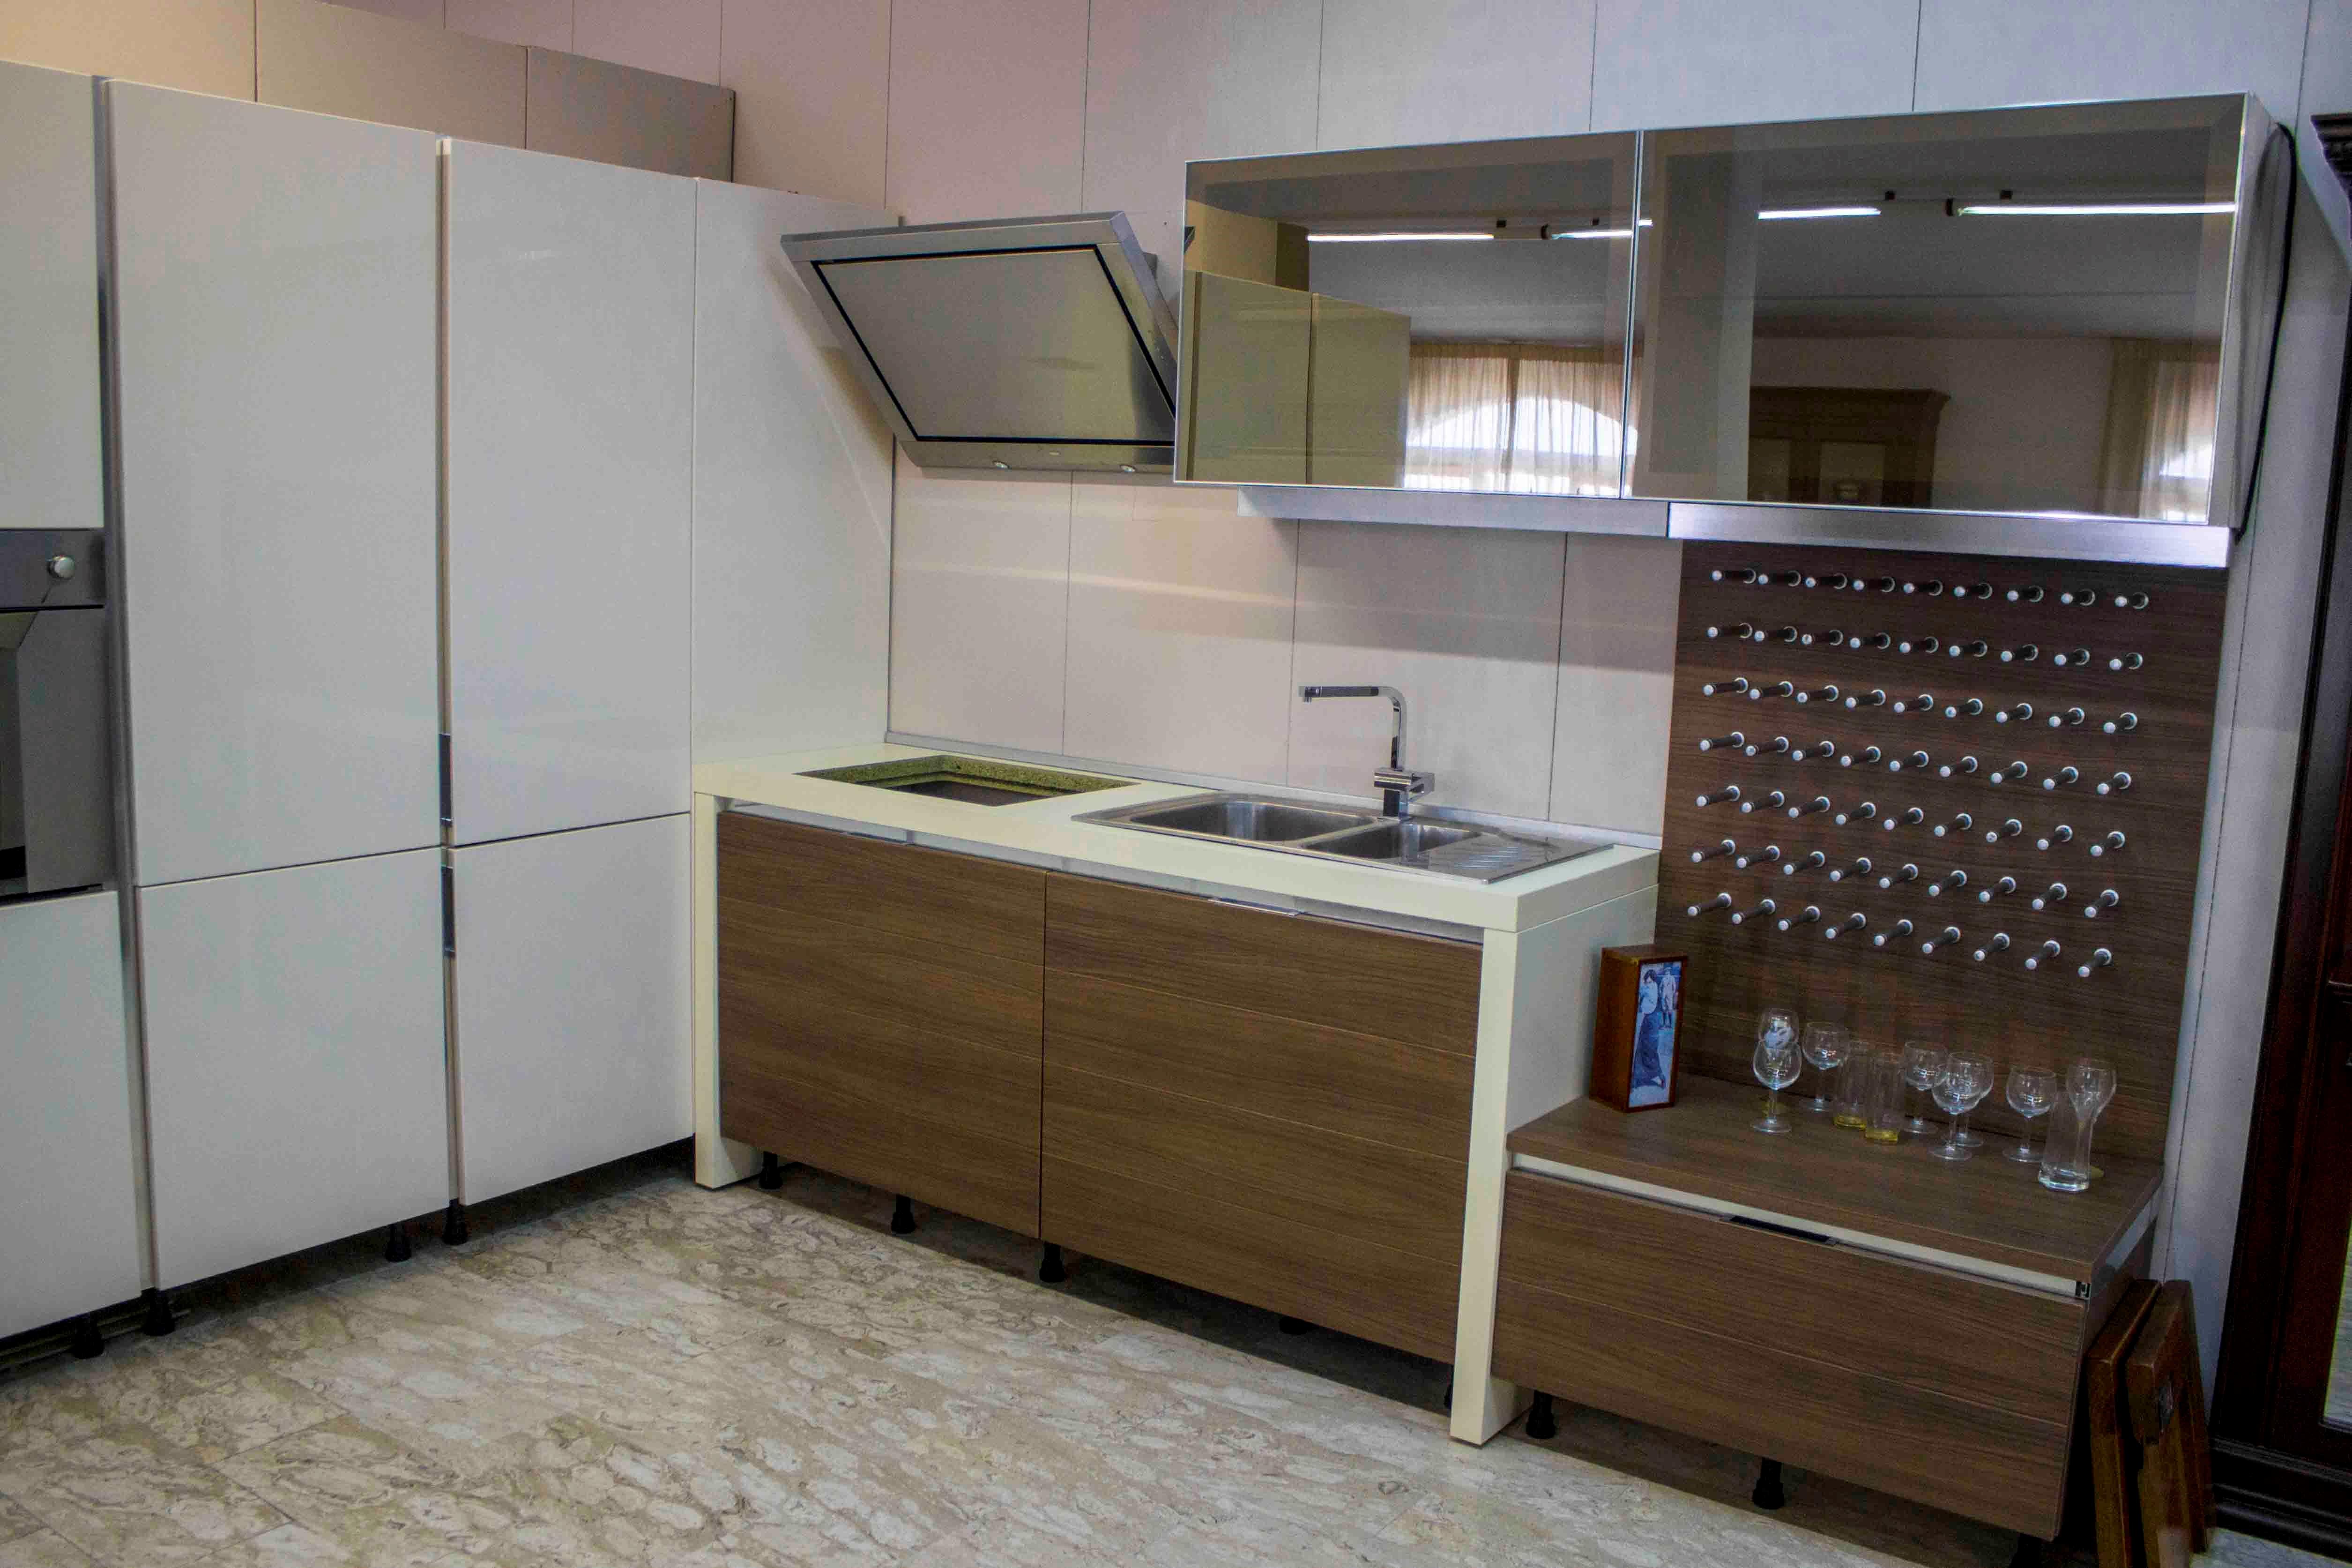 Stosa cucine cucina replay scontato del 70 cucine a for Stosa cucine prezzi